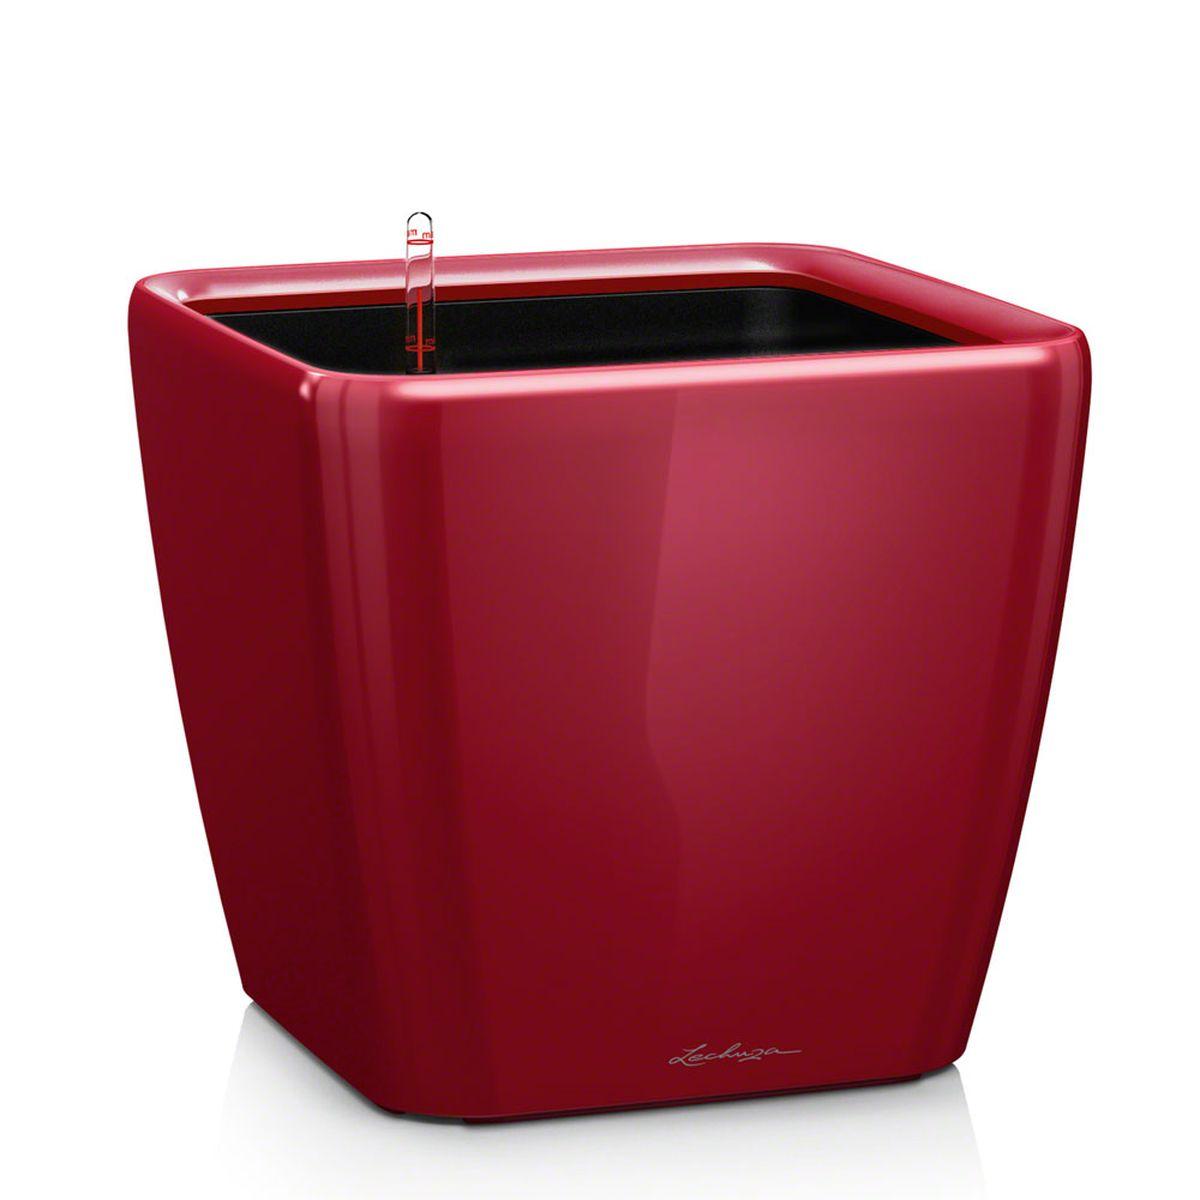 Кашпо Lechuza Quadro, с системой автополива, цвет: красный, 33 х 33 х 35 см16167Кашпо Lechuza Quadro, выполненное из высококачественного пластика, имеет уникальную систему автополива, благодаря которой корневая система растения непрерывно снабжается влагой из резервуара. Уровень воды в резервуаре контролируется с помощью специального индикатора. В зависимости от размера кашпо и растения воды хватает на 2-12 недель. Это способствует хорошему росту цветов и предотвращает переувлажнение. В набор входит: кашпо, внутренний горшок, индикатор уровня воды, вал подачи воды, субстрат растений в качестве дренажного слоя, резервуар для воды. Кашпо Lechuza Quadro прекрасно впишется в любой интерьер. Оно поможет расставить нужные акценты и придаст помещению вид, соответствующий вашим представлениям.